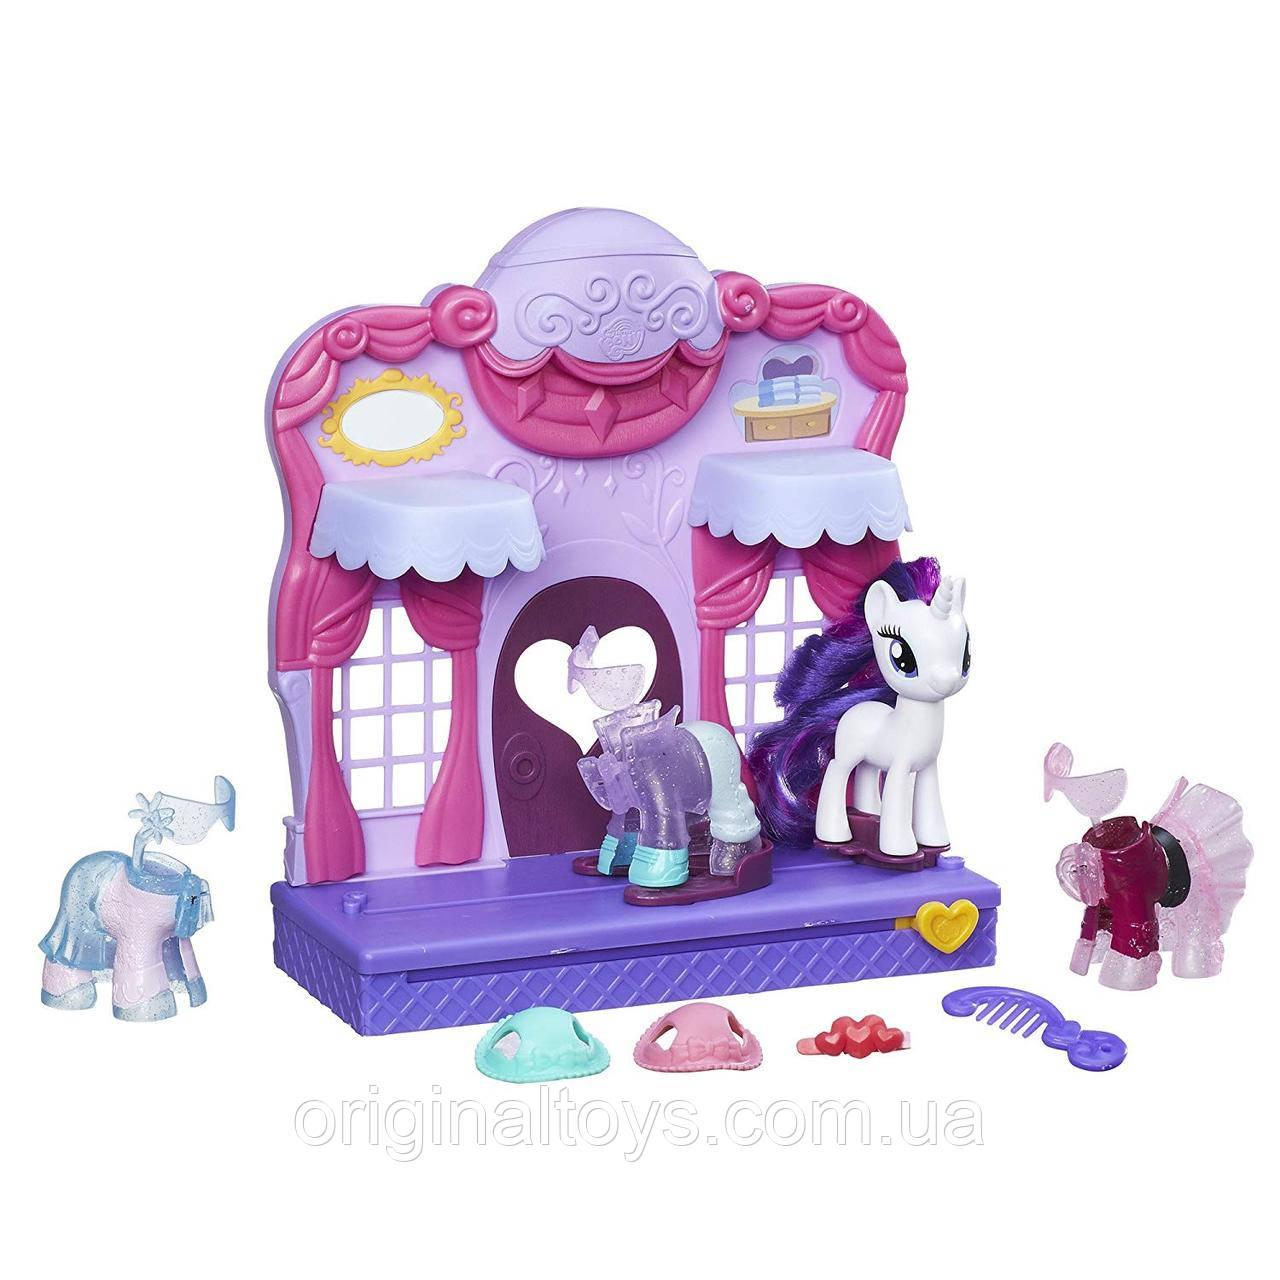 Ігровий набір My Little Pony Бутік Рарити в Кантерлоте B8811